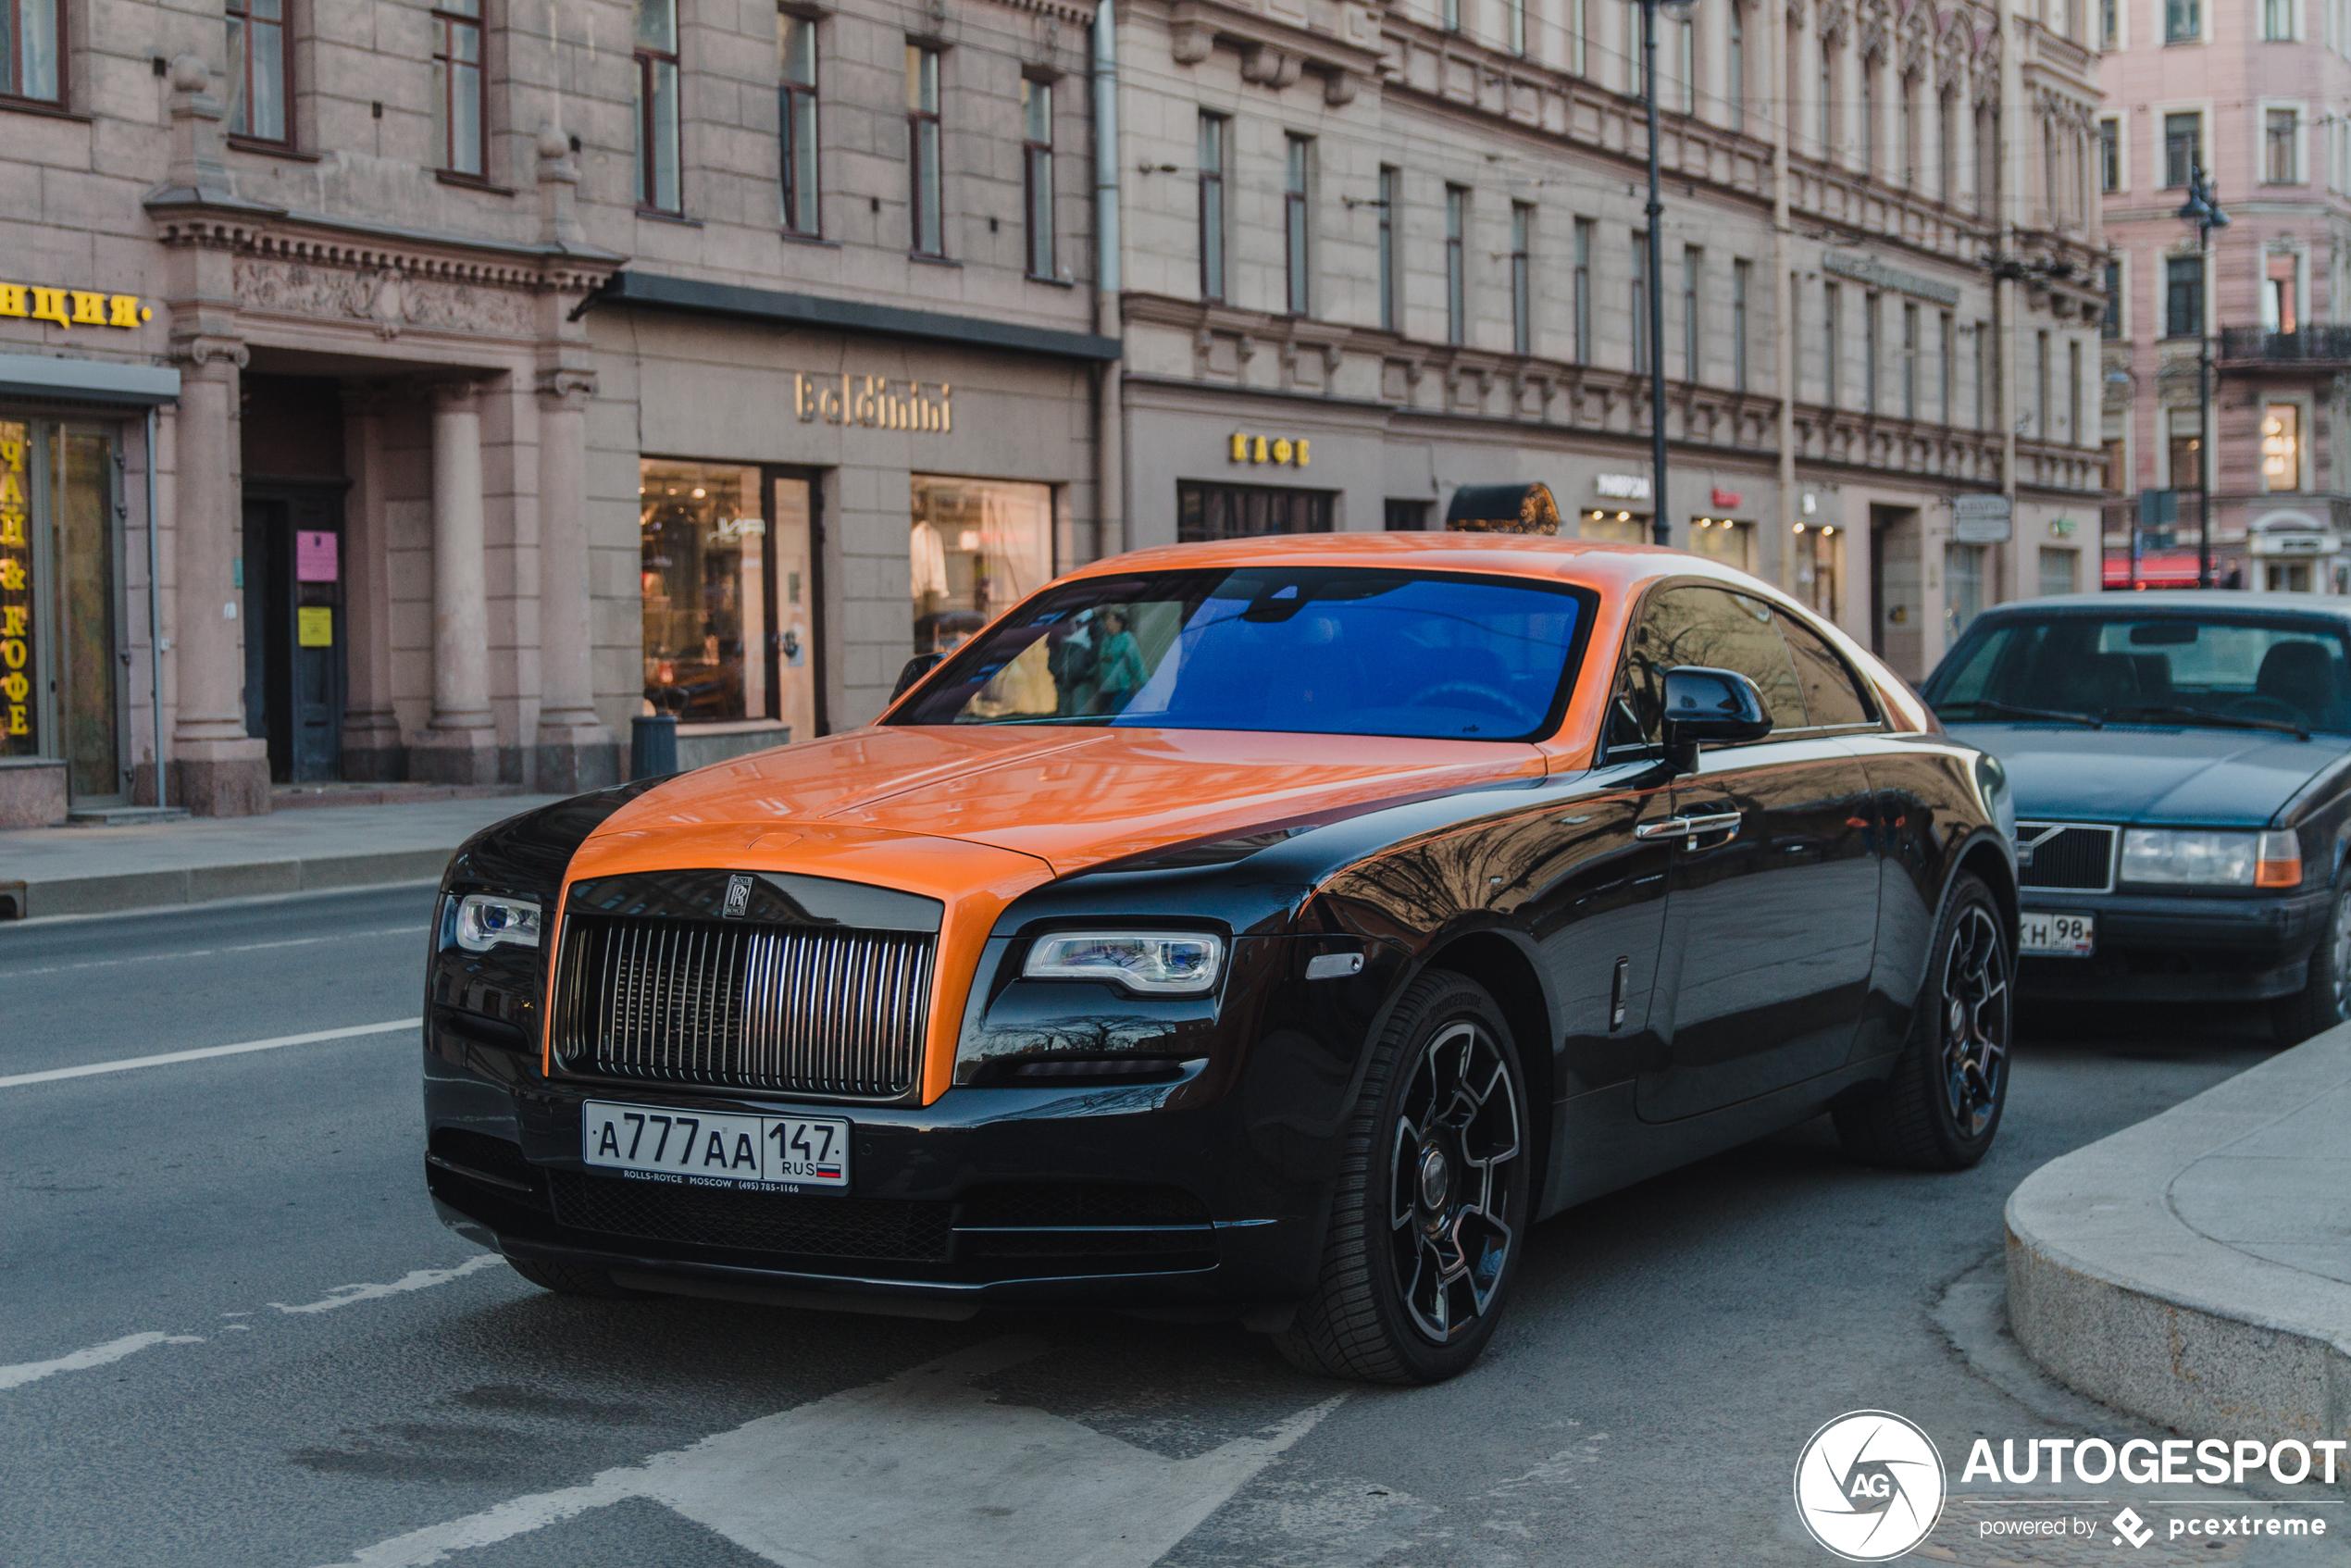 Rolls-RoyceWraith Black Badge